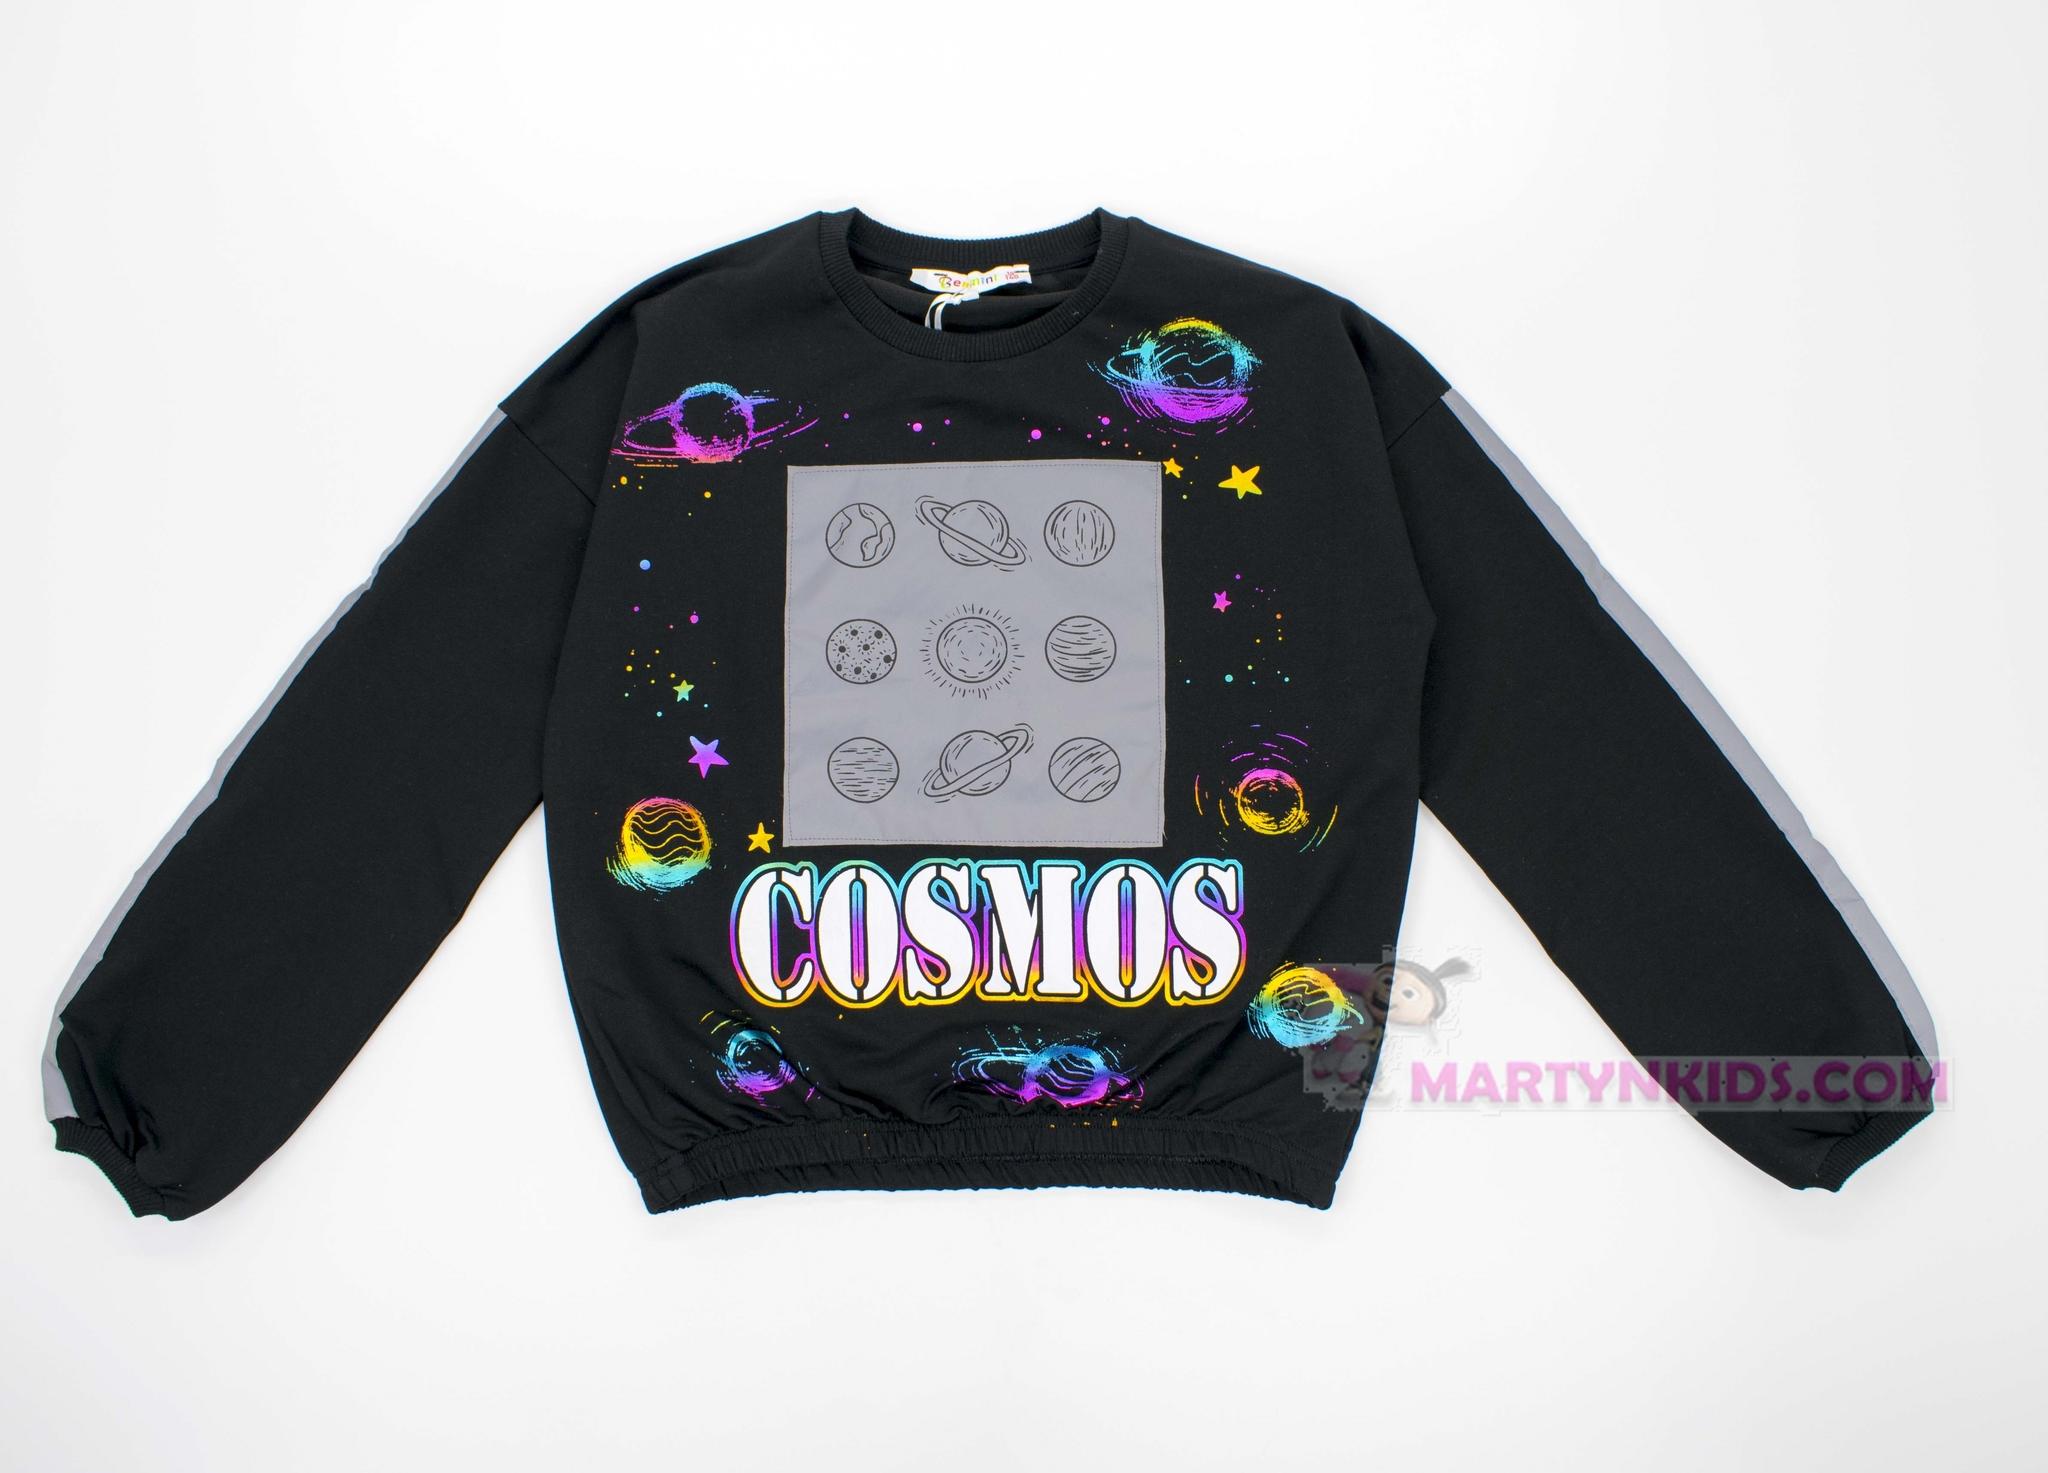 2843 свитшот COSMOS светится в темноте